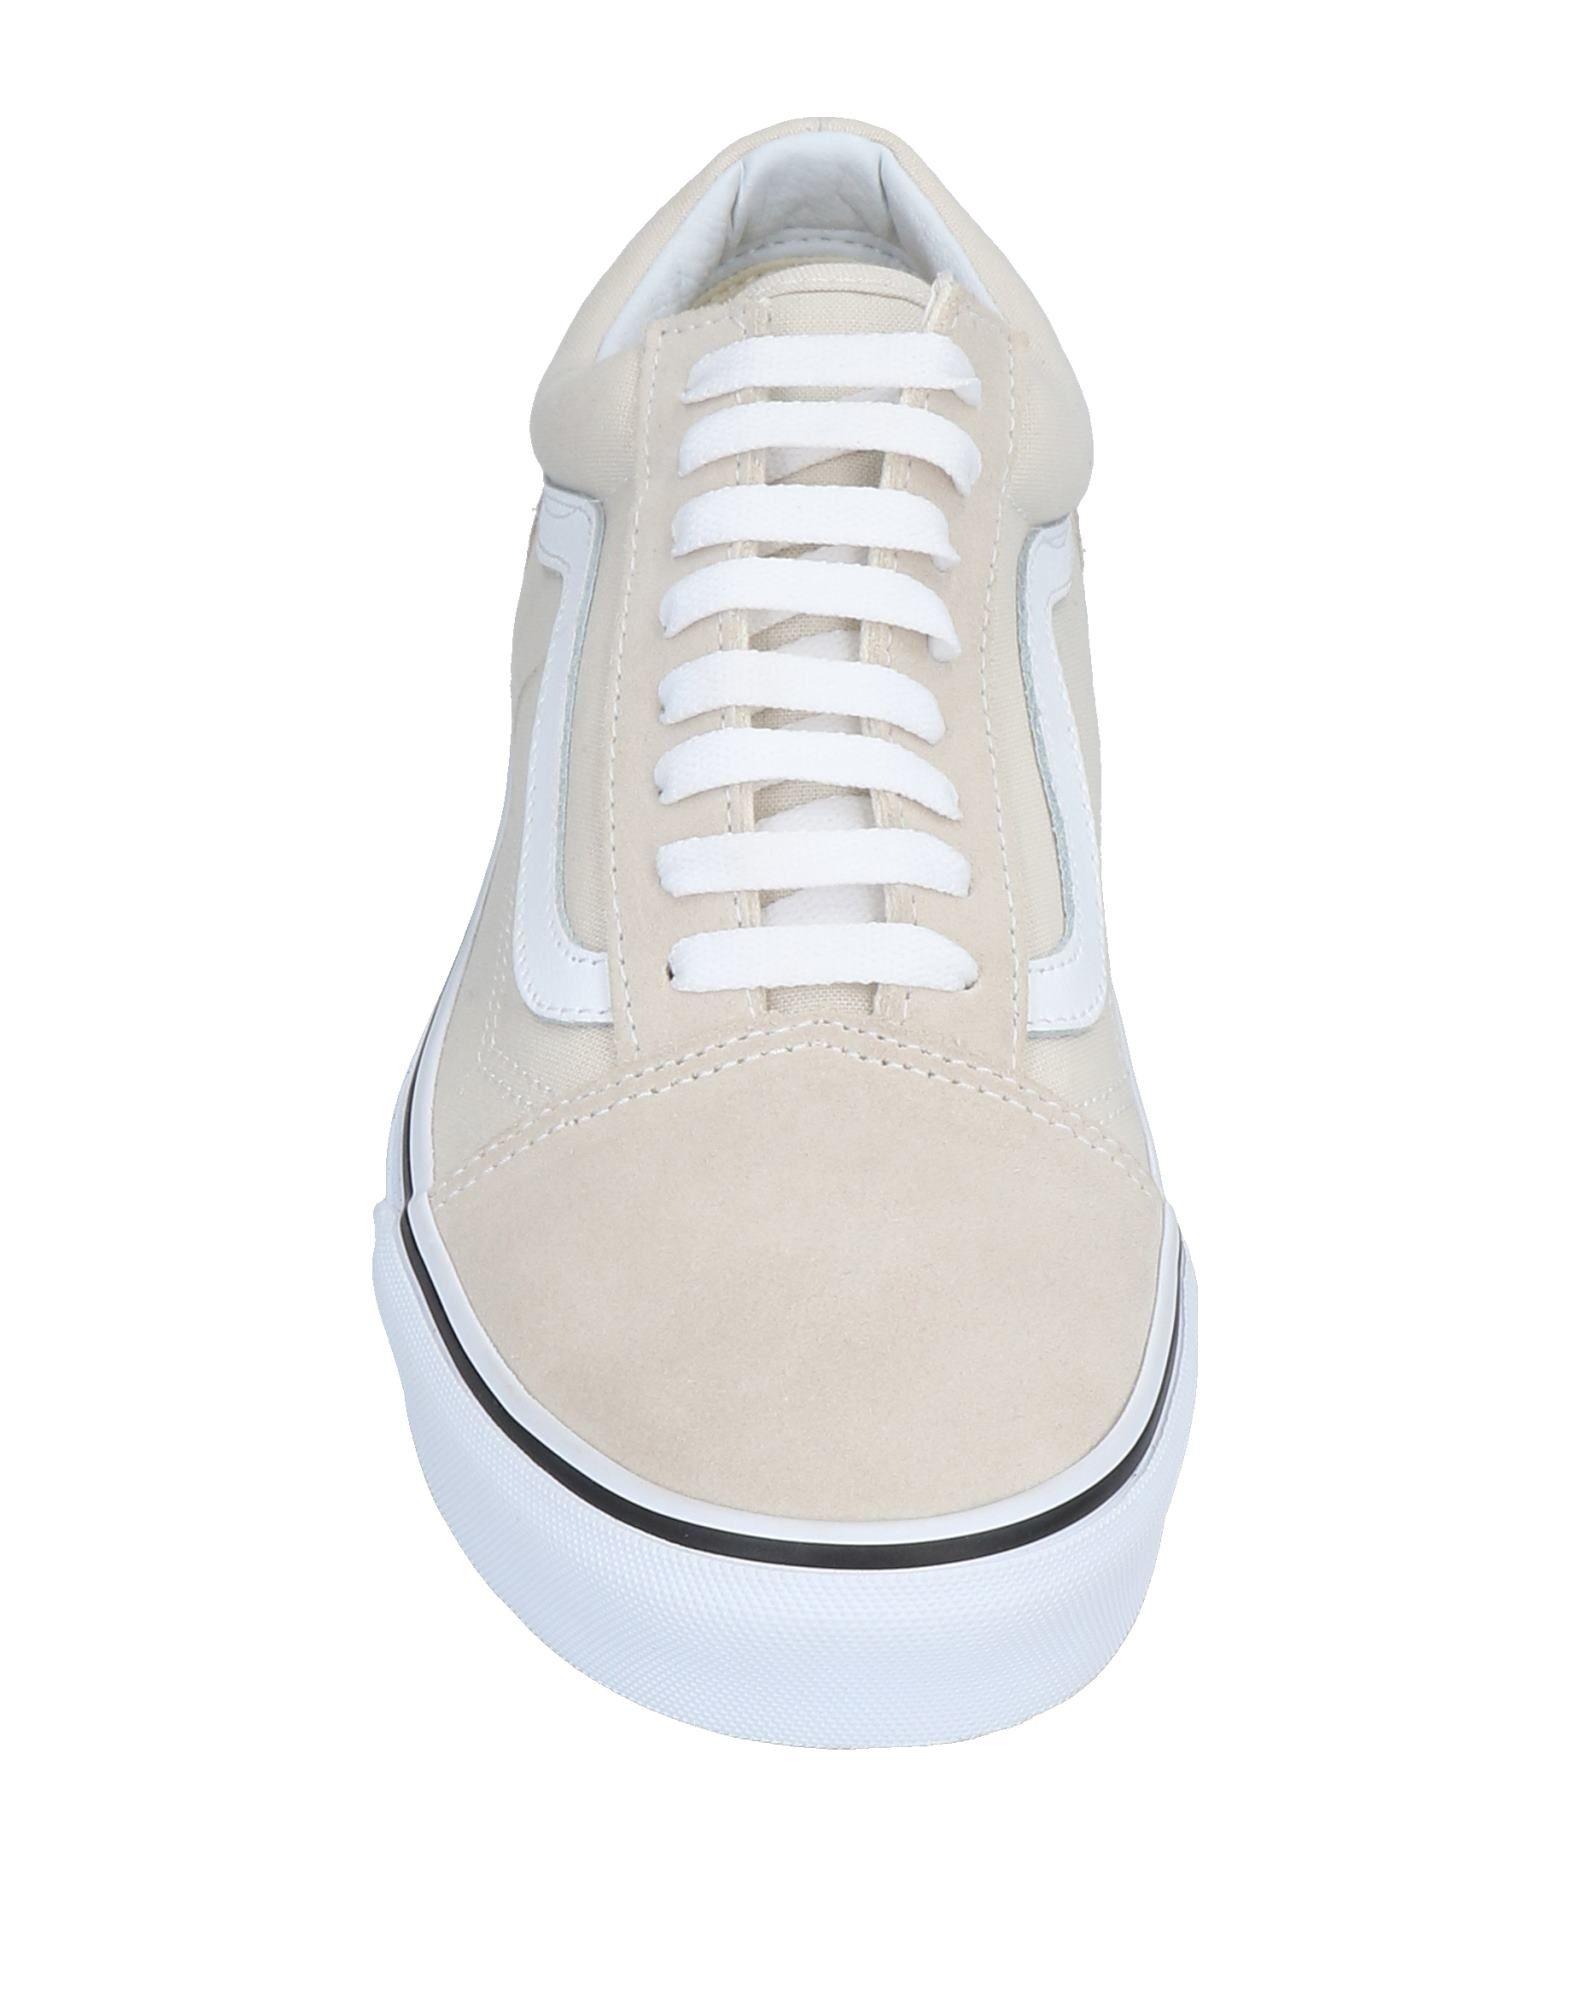 Scarpe economiche e resistenti Sneakers Sneakers Sneakers Vans Uomo - 11493429VH 664484